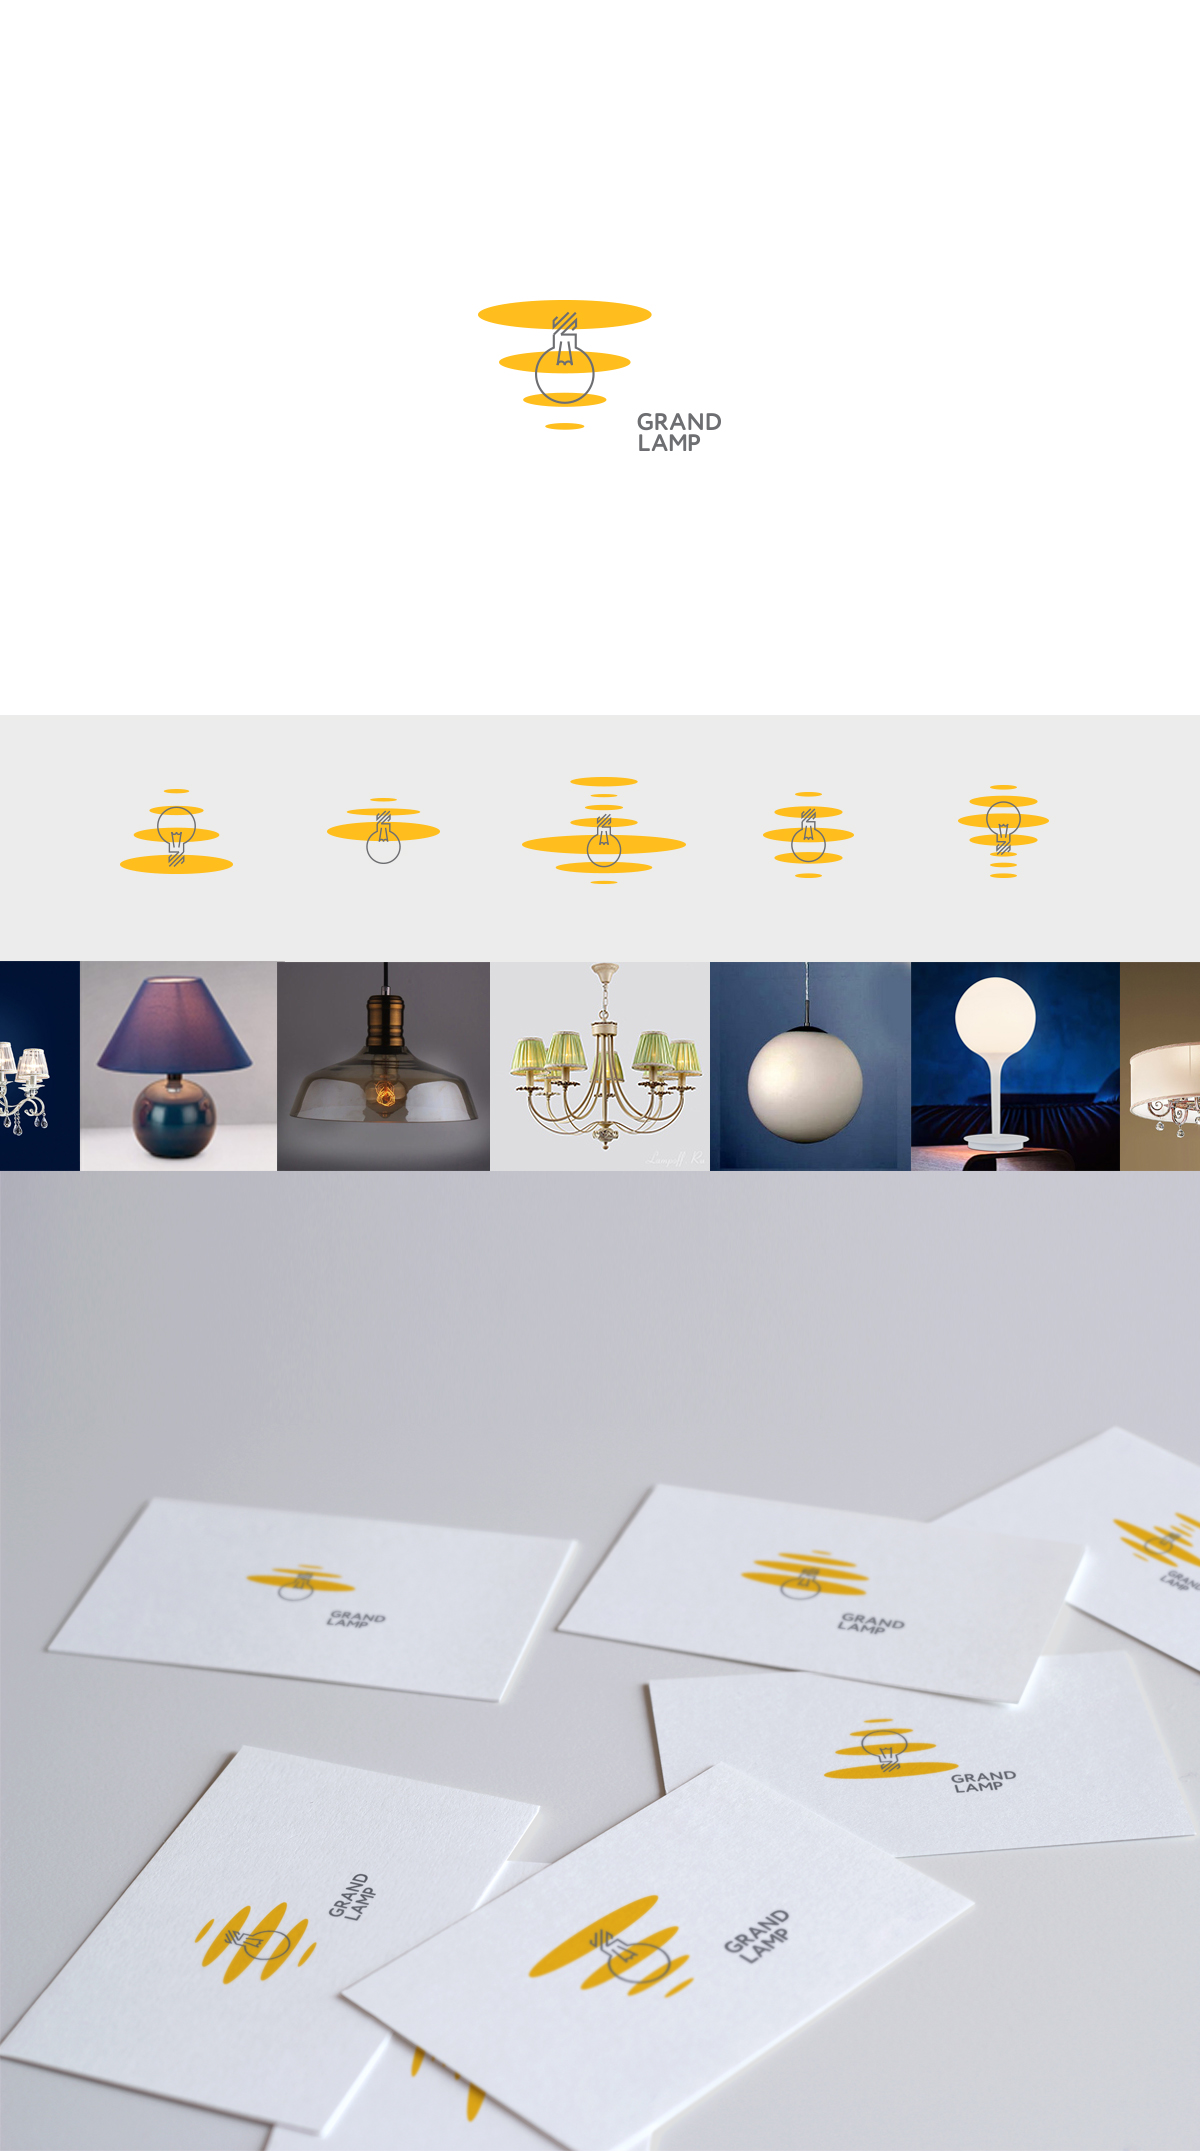 Разработка логотипа и элементов фирменного стиля фото f_86757e6ecfeb20eb.jpg